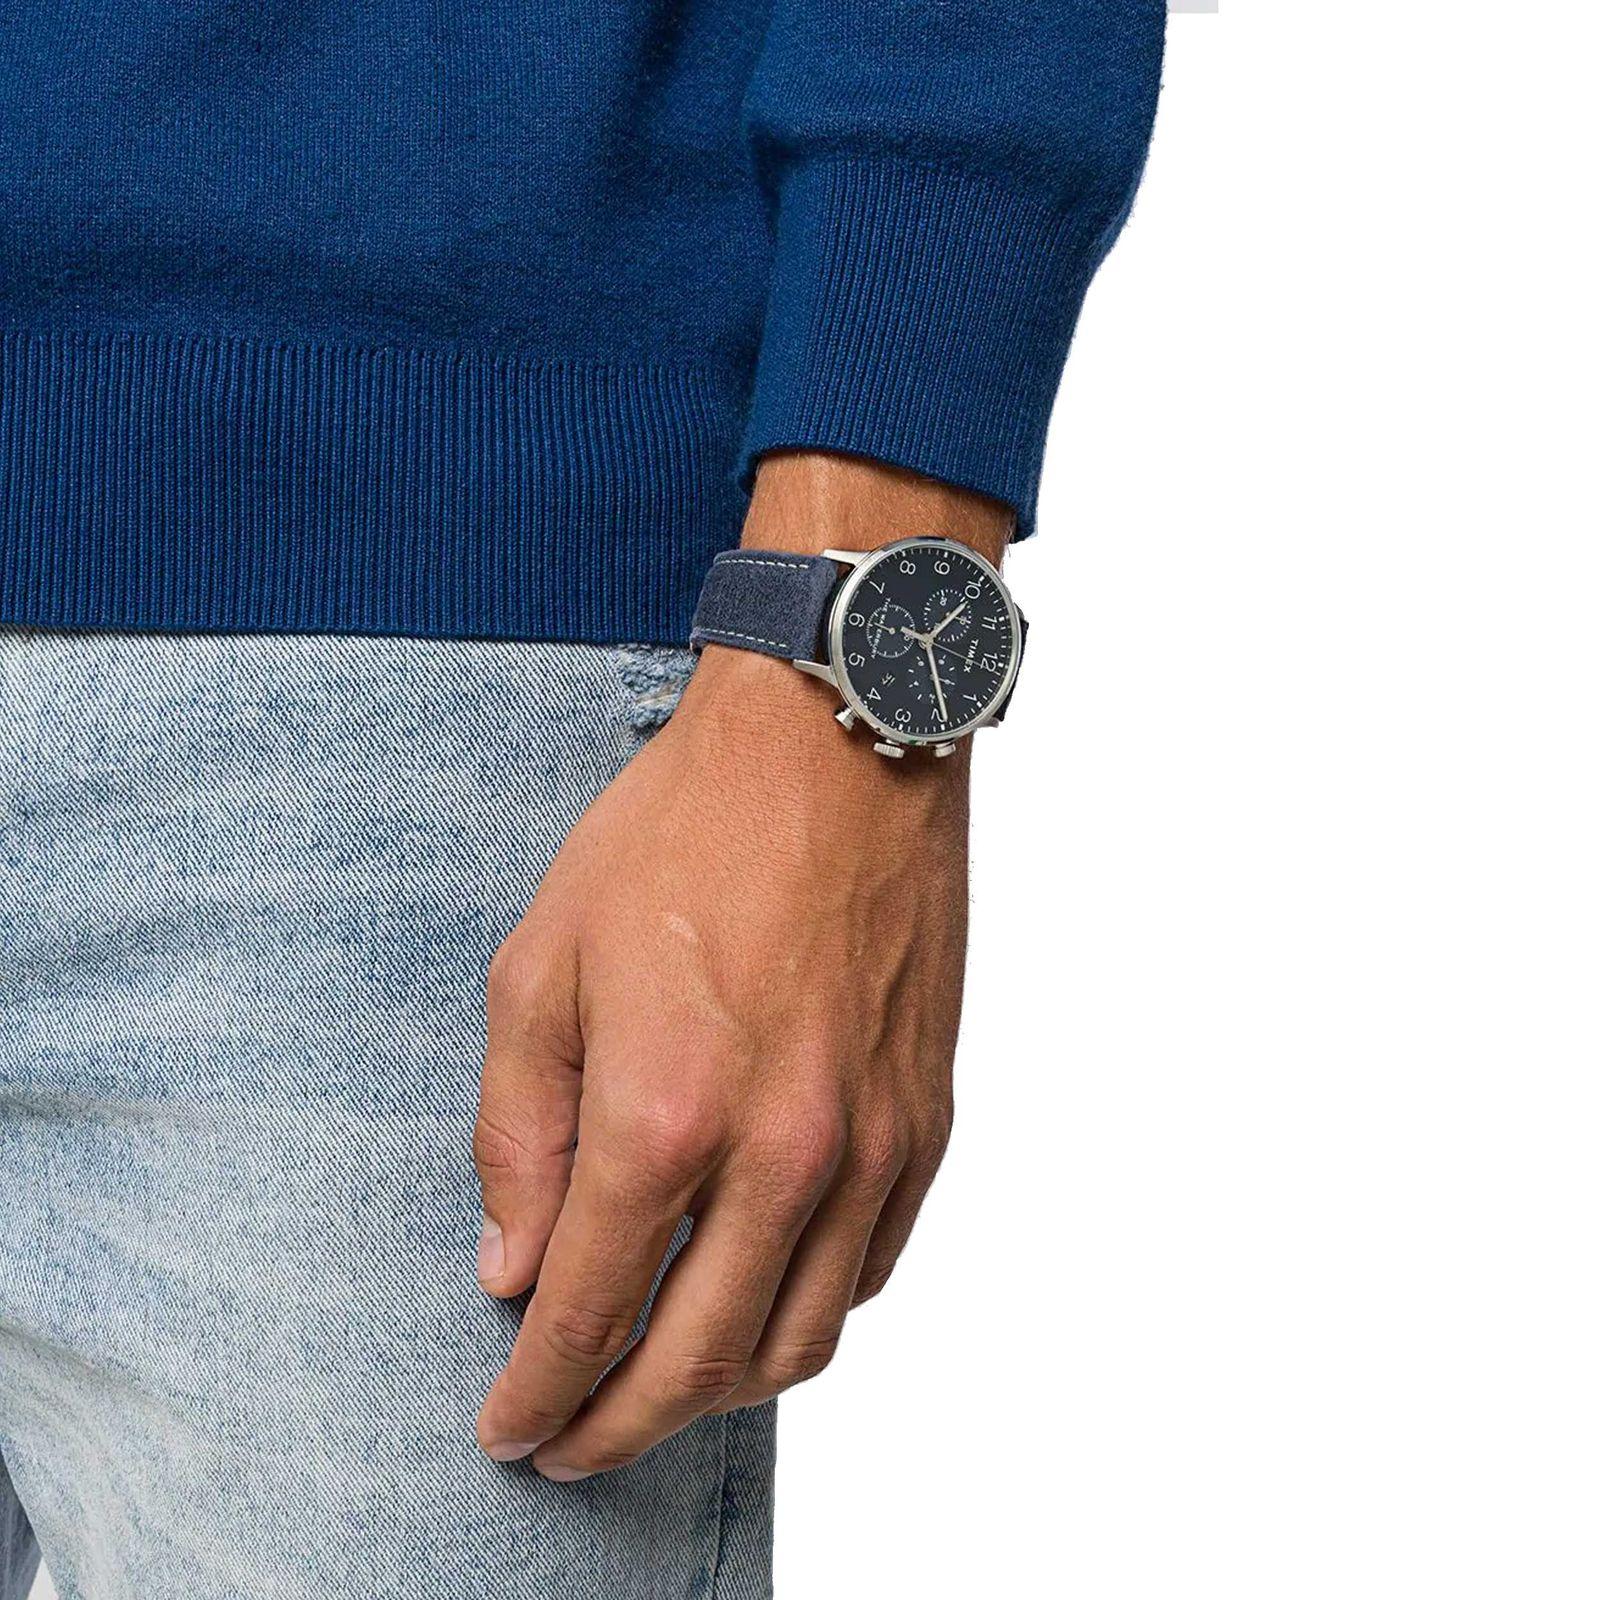 ساعت مچی عقربه ای مردانه تایمکس مدل TW2T71300 -  - 3